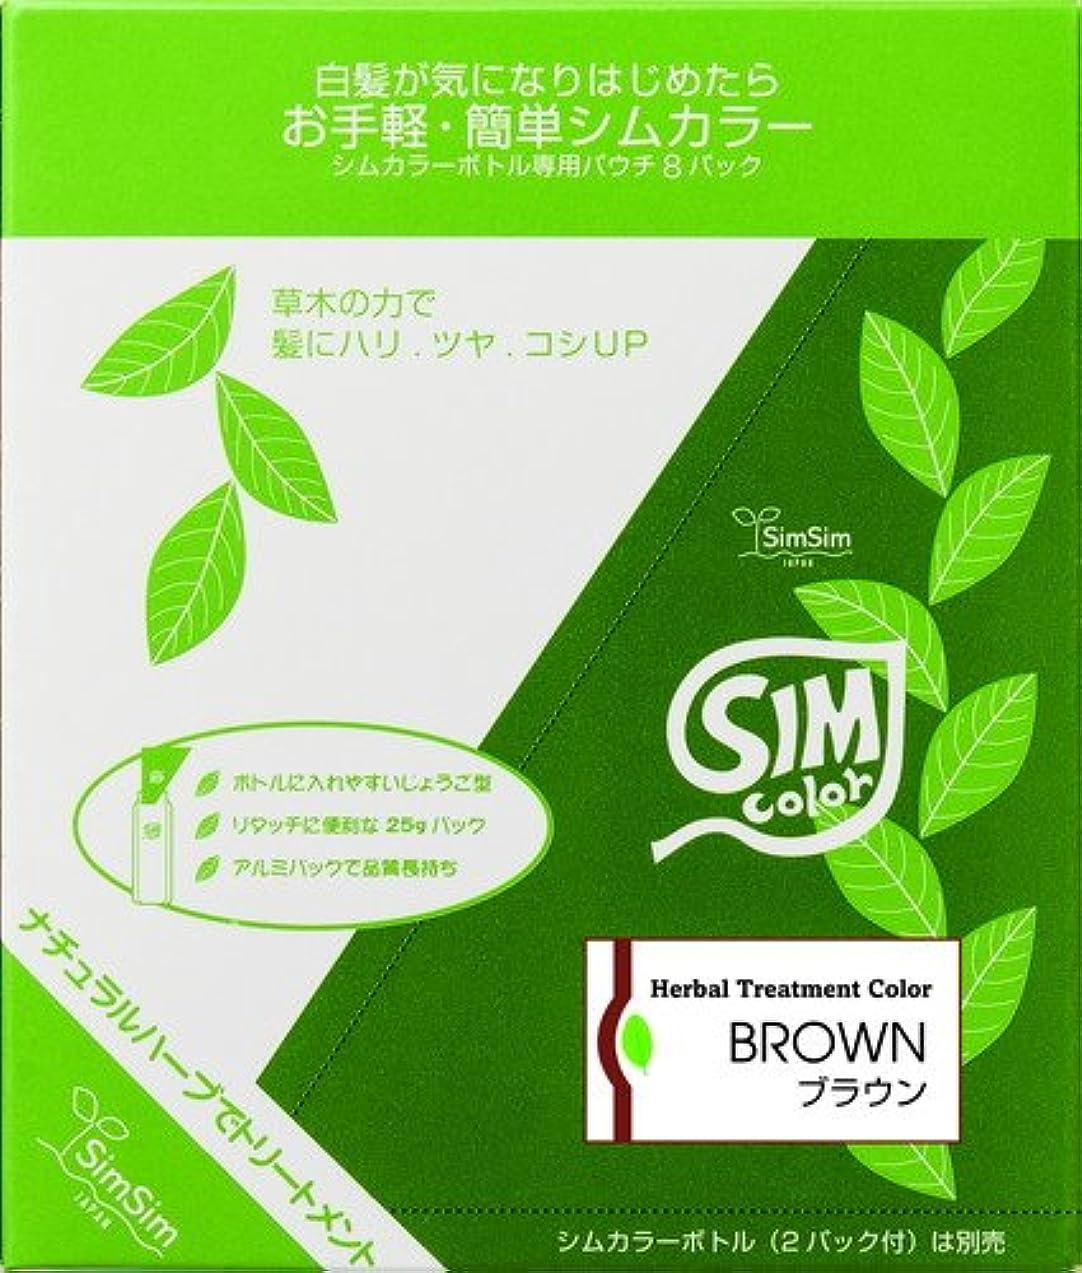 動員するコンデンサー野球SimSim(シムシム)お手軽簡単シムカラーエクストラ(EX)25g 8袋 ブラウン